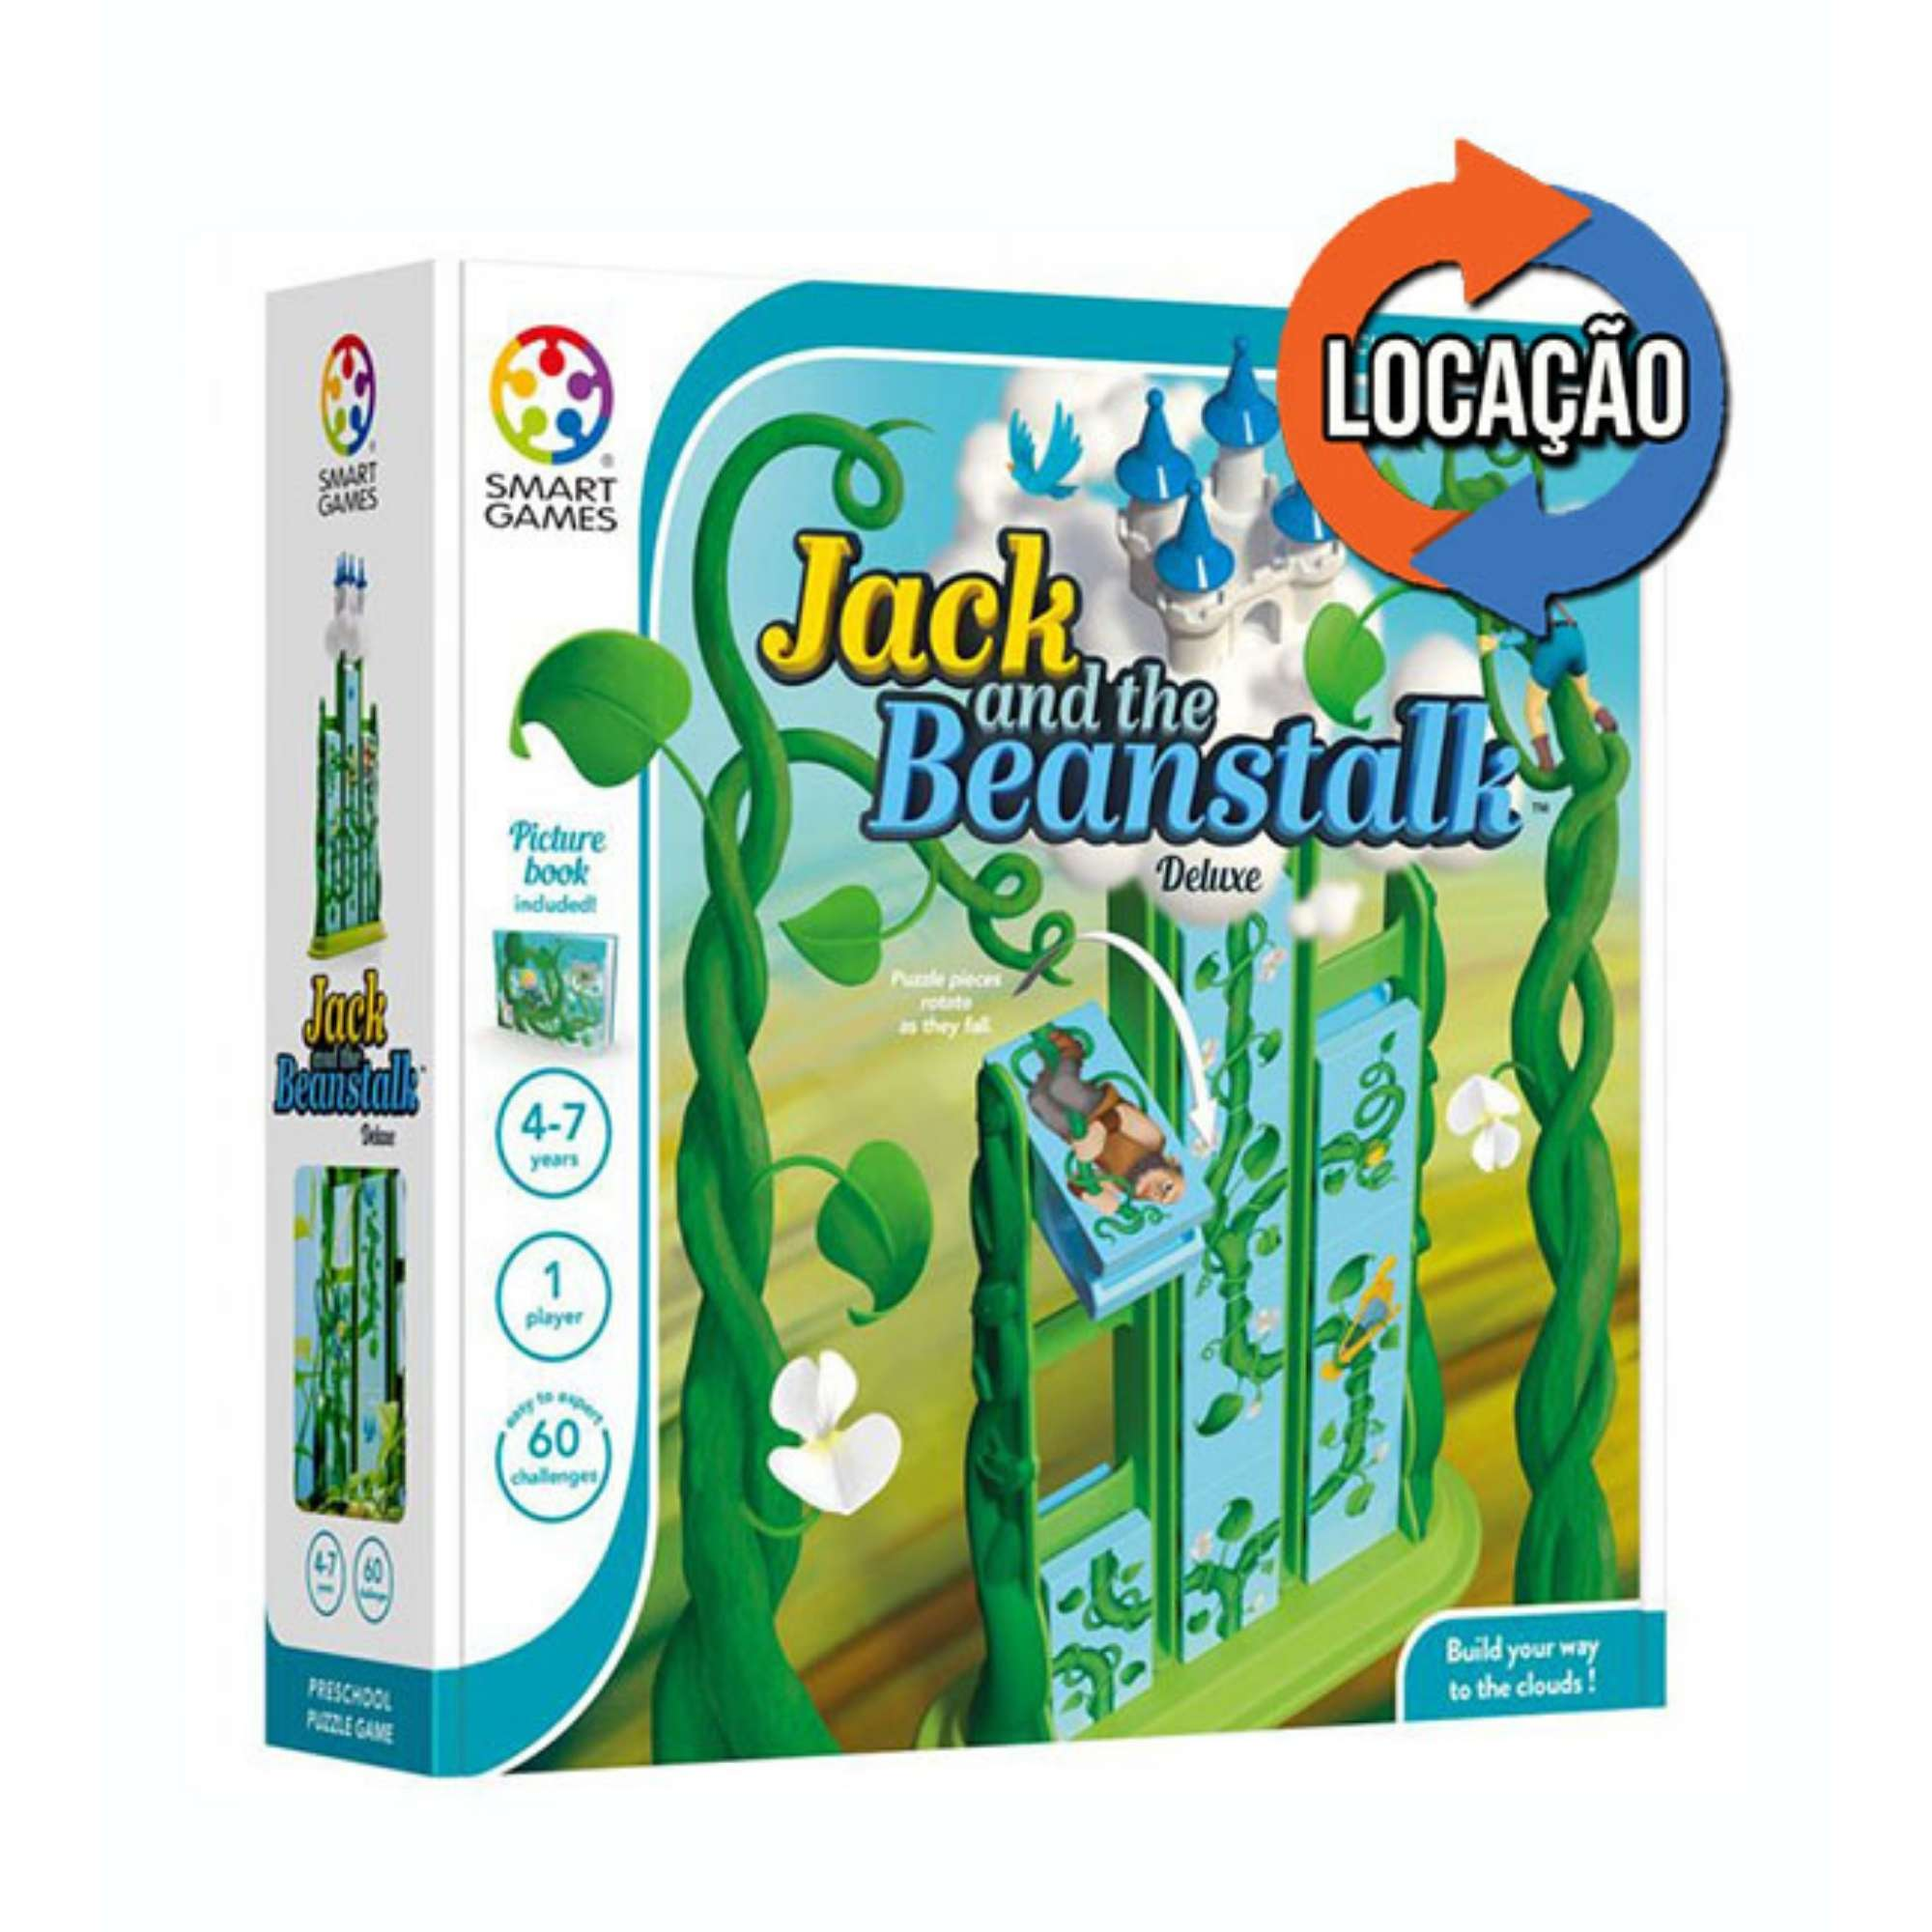 Jack and The Beanstalk Deluxe - SmartGames (Locação)